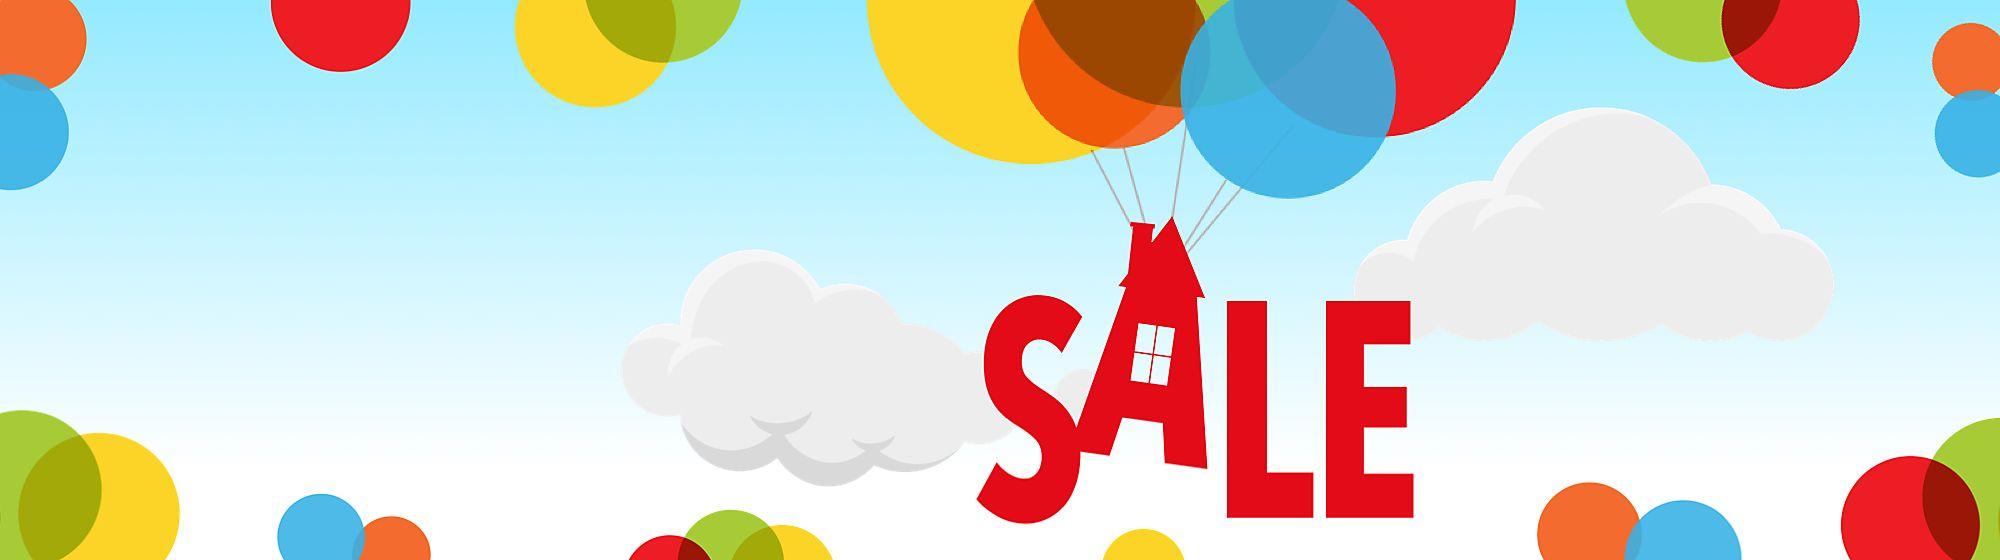 SALE 30% Rabatt auf ausgewählte Produkte